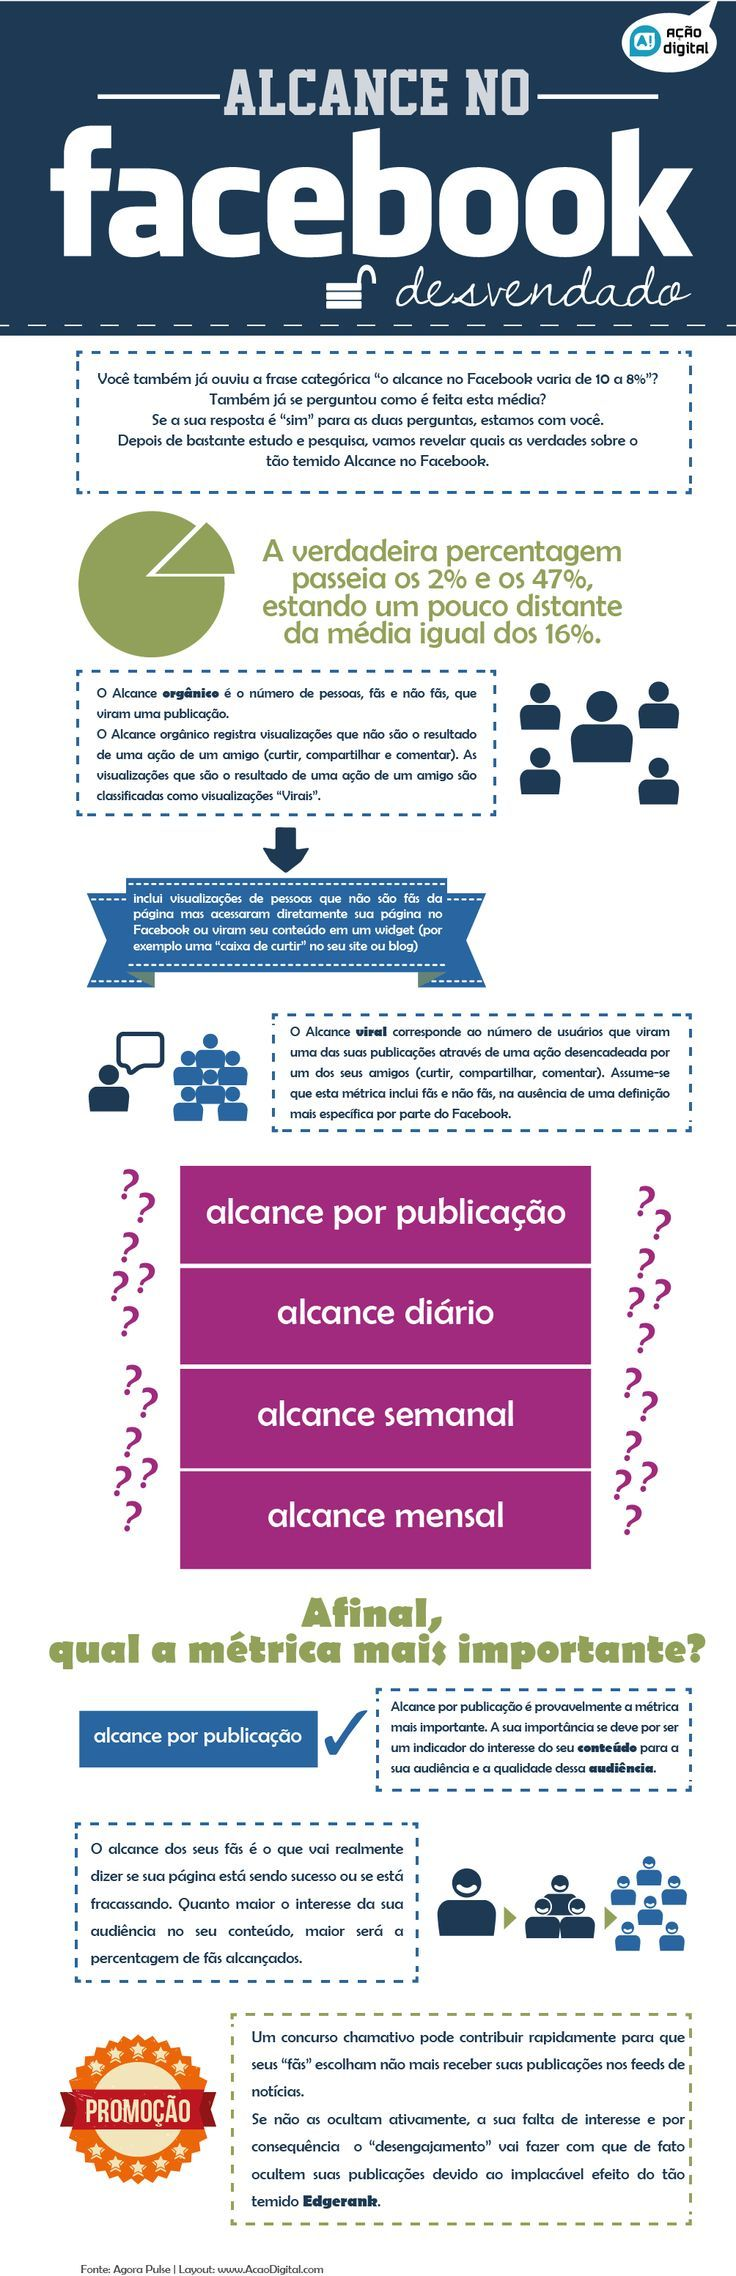 Afinal, você sabe a diferença entre alcance viral e orgânico? E o alcance por publicação, o que o define? Entre eles, qual o mais importante?